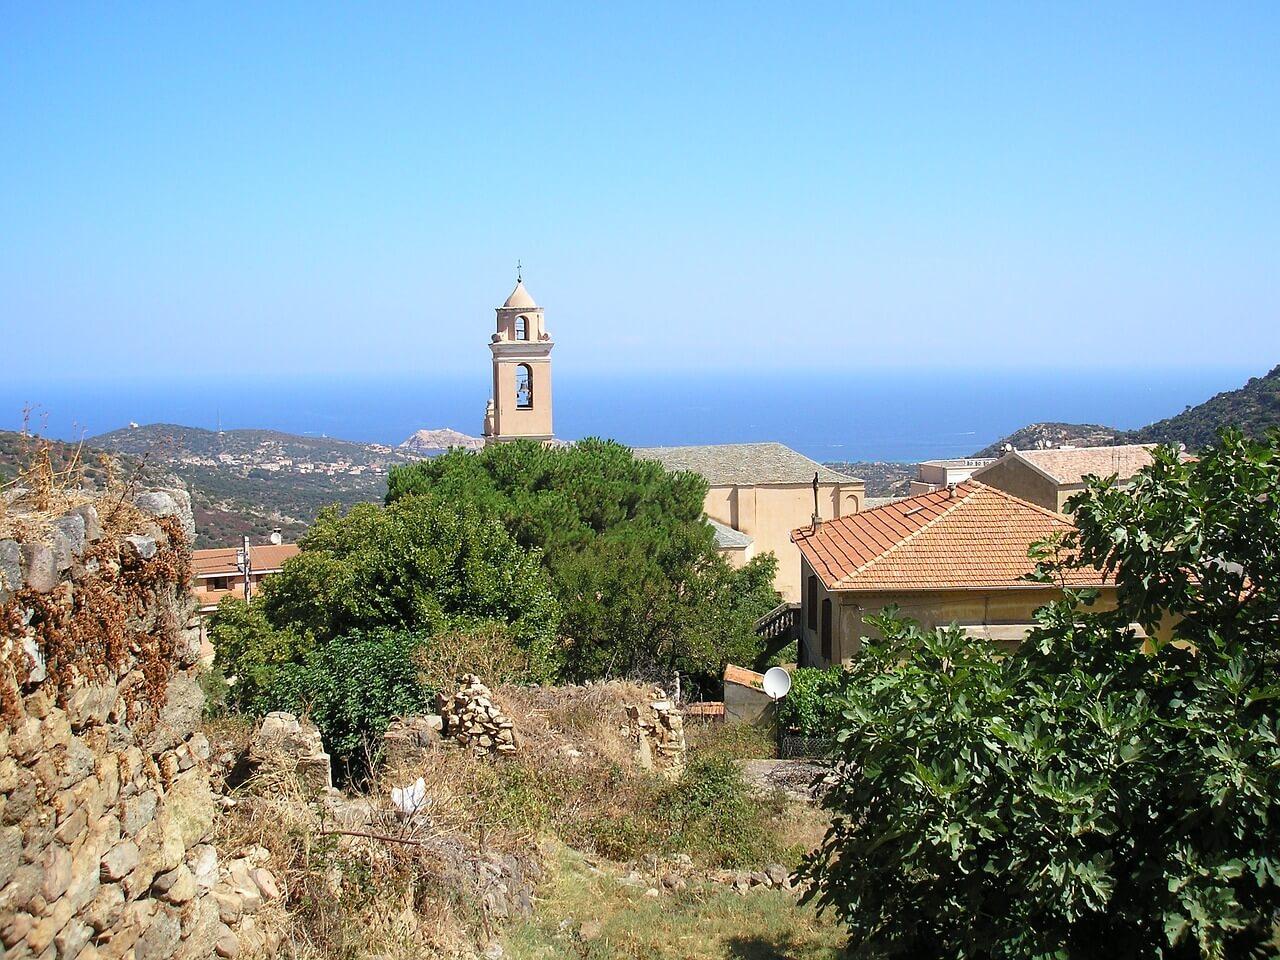 Outdoor-Paradies Balagne auf Korsika.